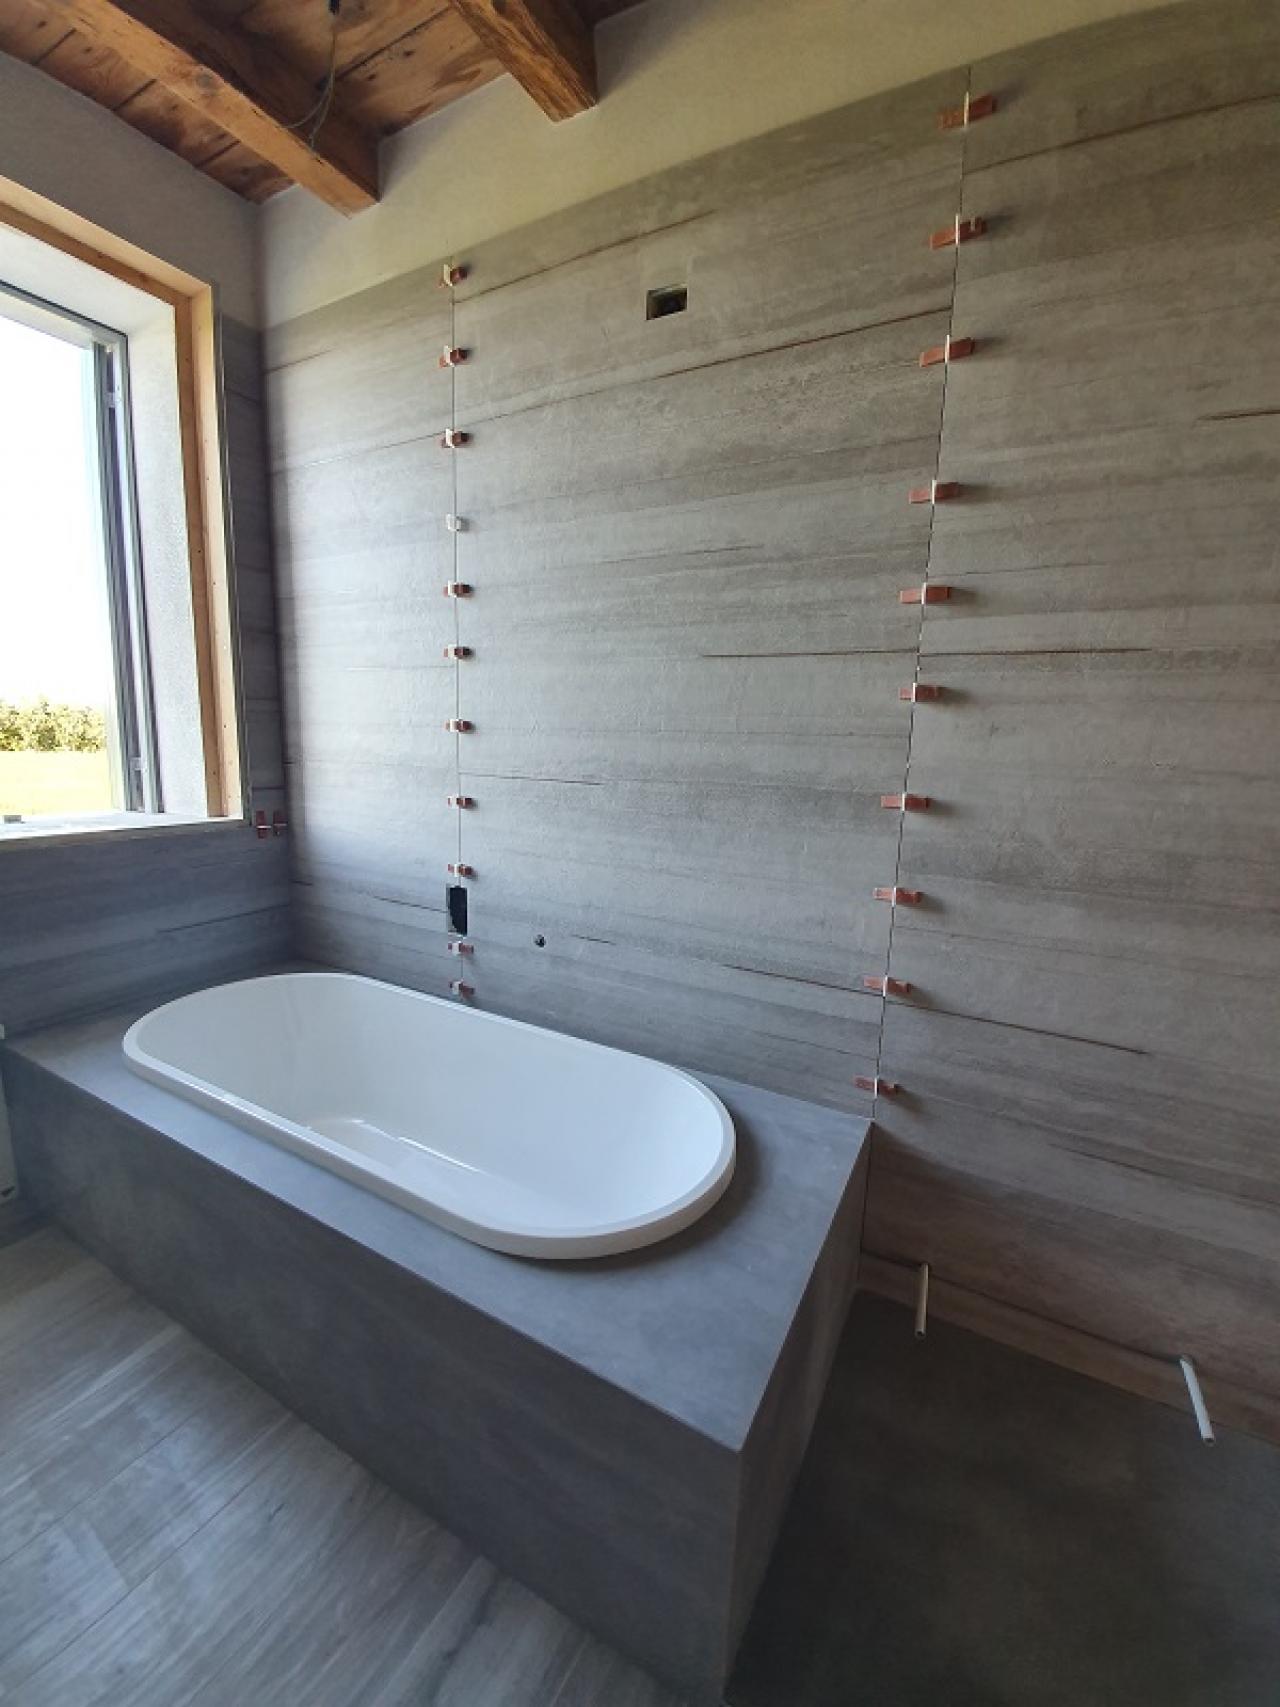 Ricoprire Vasca Da Bagno Prezzi rivestire la vasca con piastrelle di grande formato